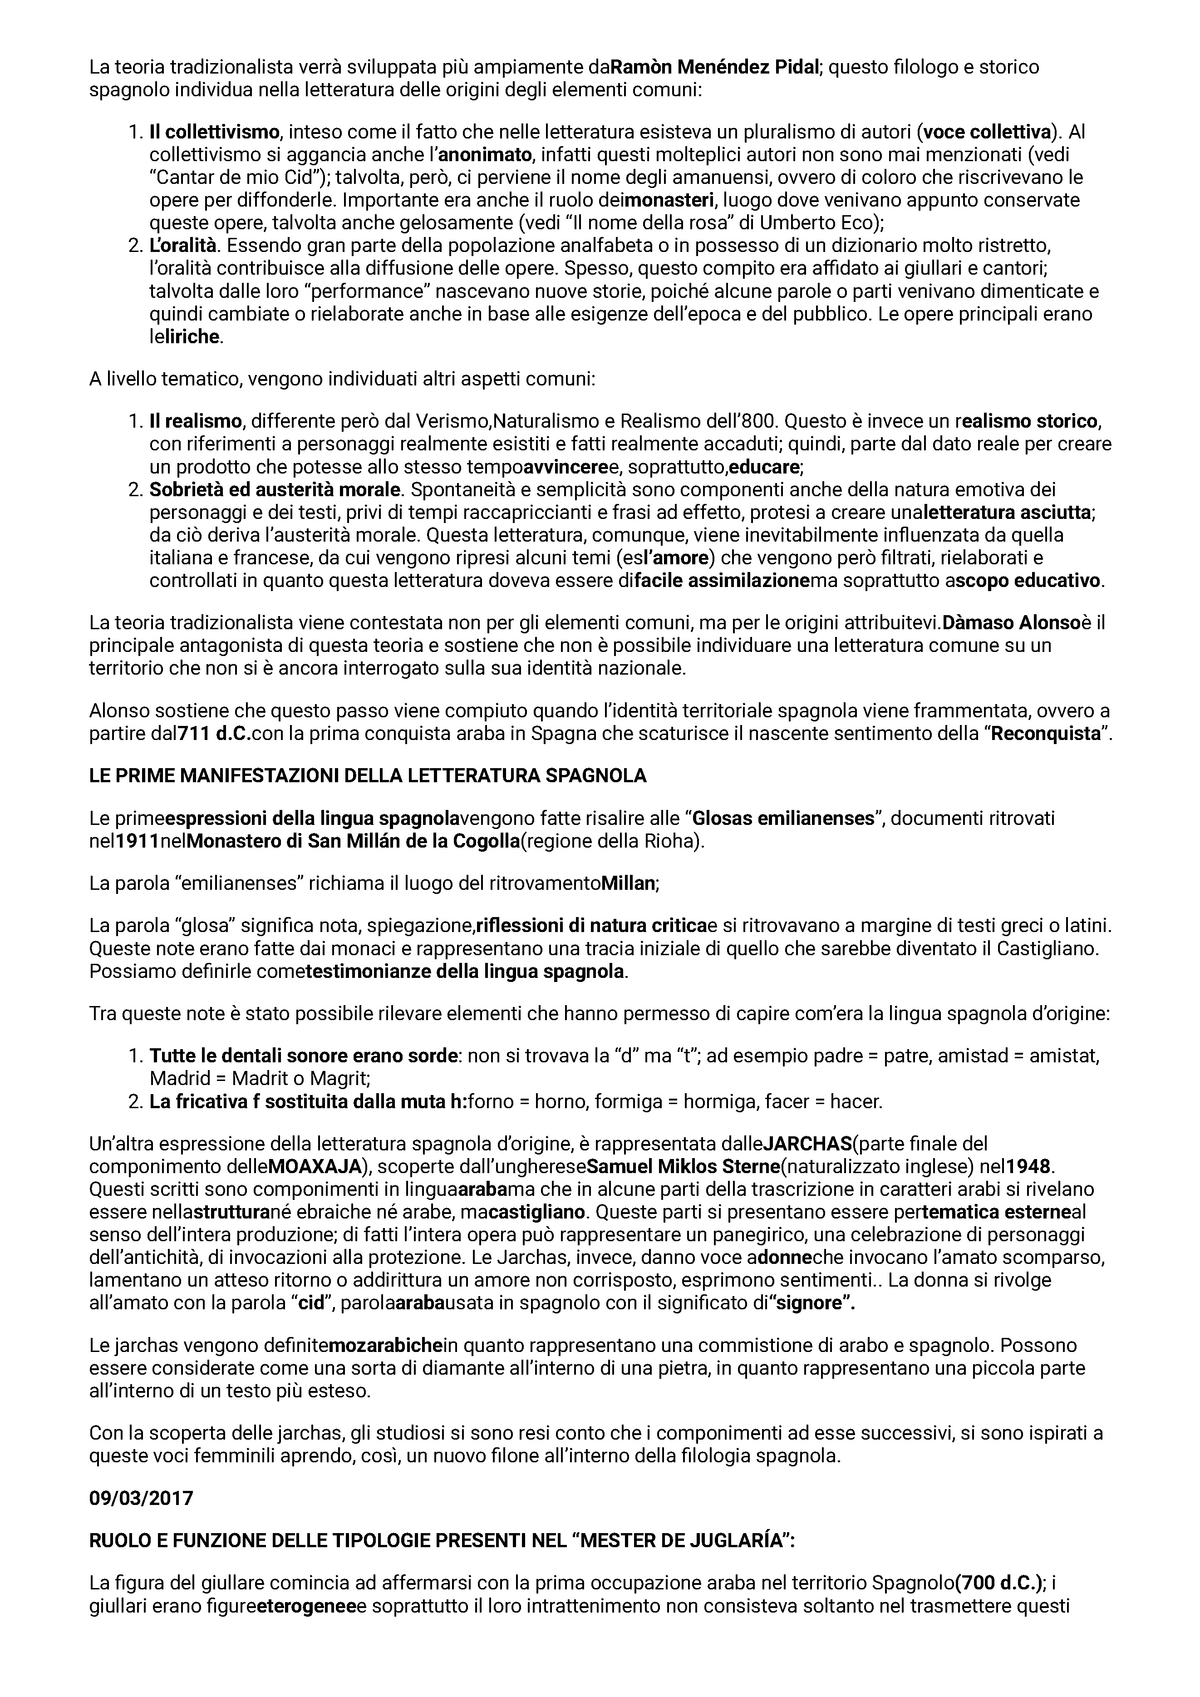 Letteratura Appunti 1 4 01 Unior Studocu